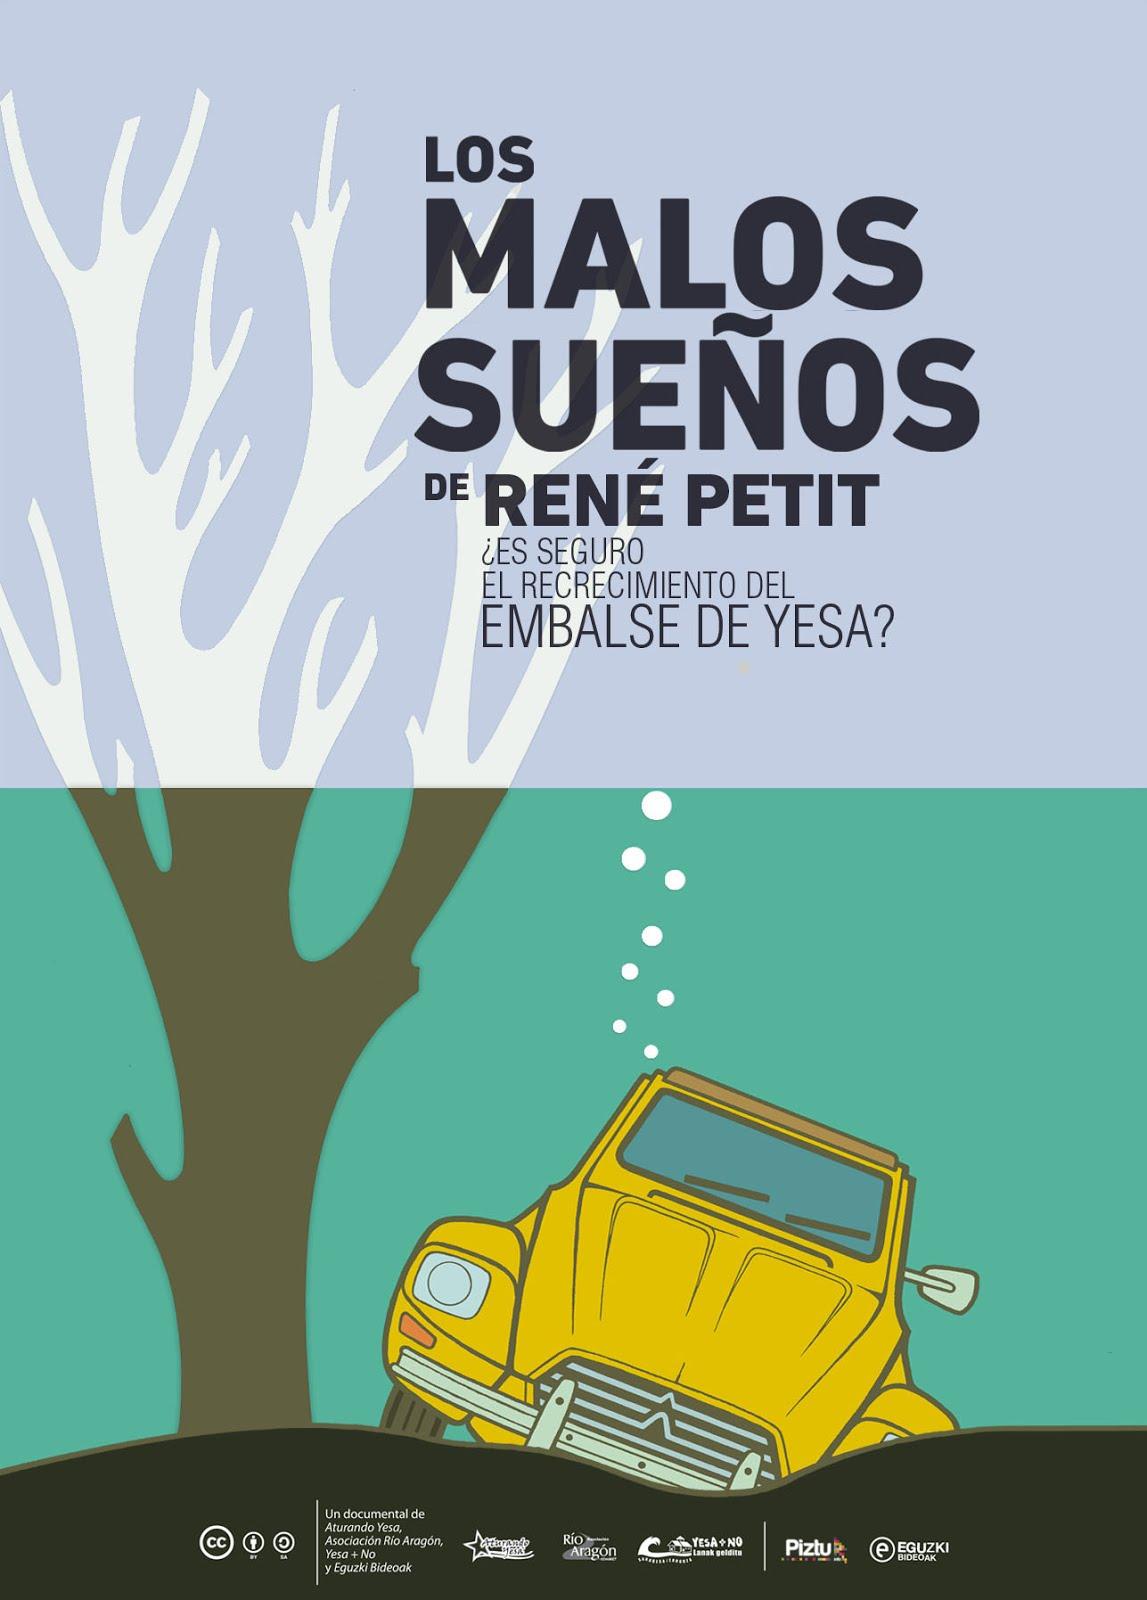 Los Malos Sueños de René Petit. La web.